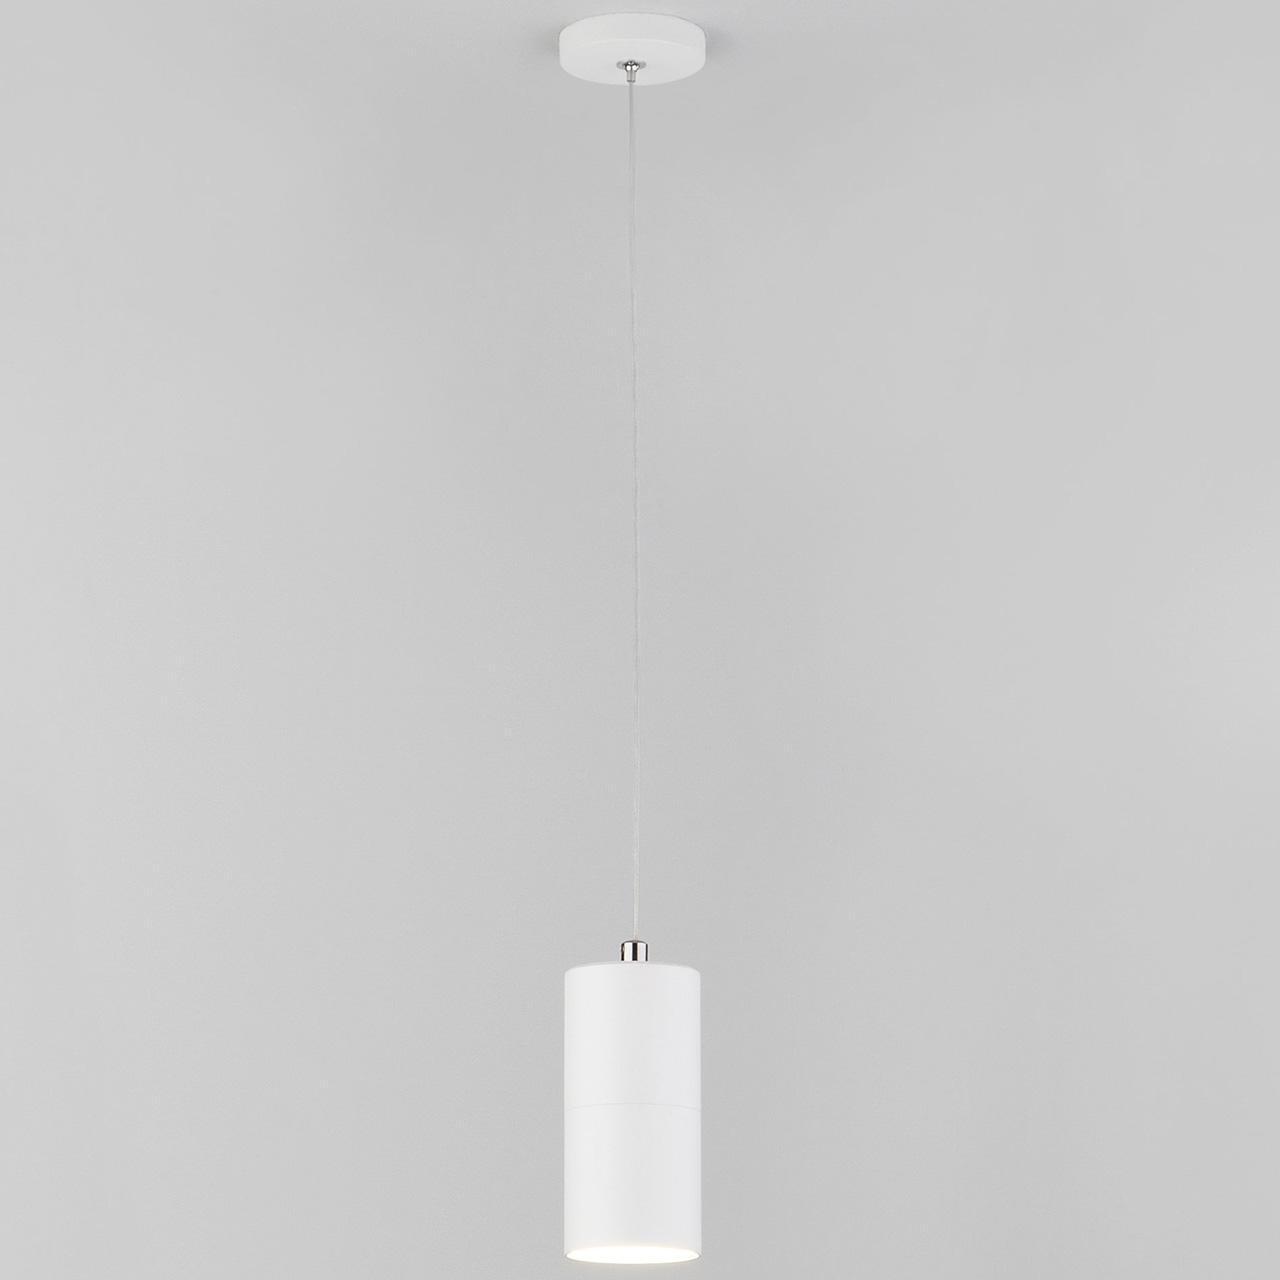 Подвесной светильник Eurosvet Mini Topper 50146/1 белый